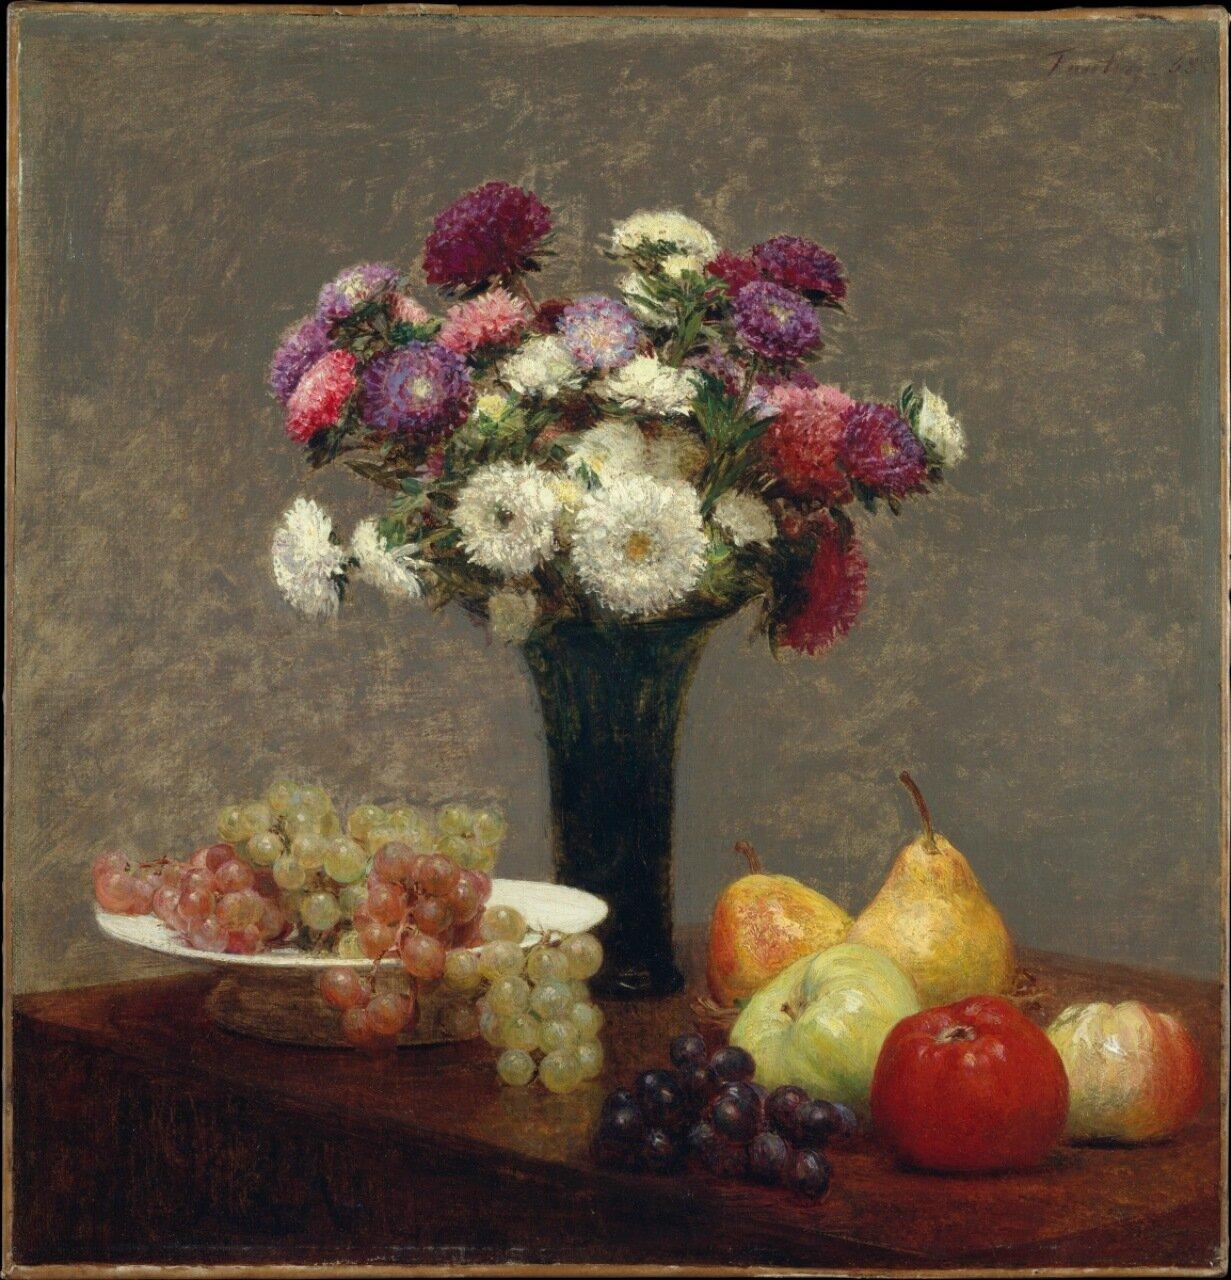 Анри Фантен-Латур. Астры и фрукты на столе..jpg